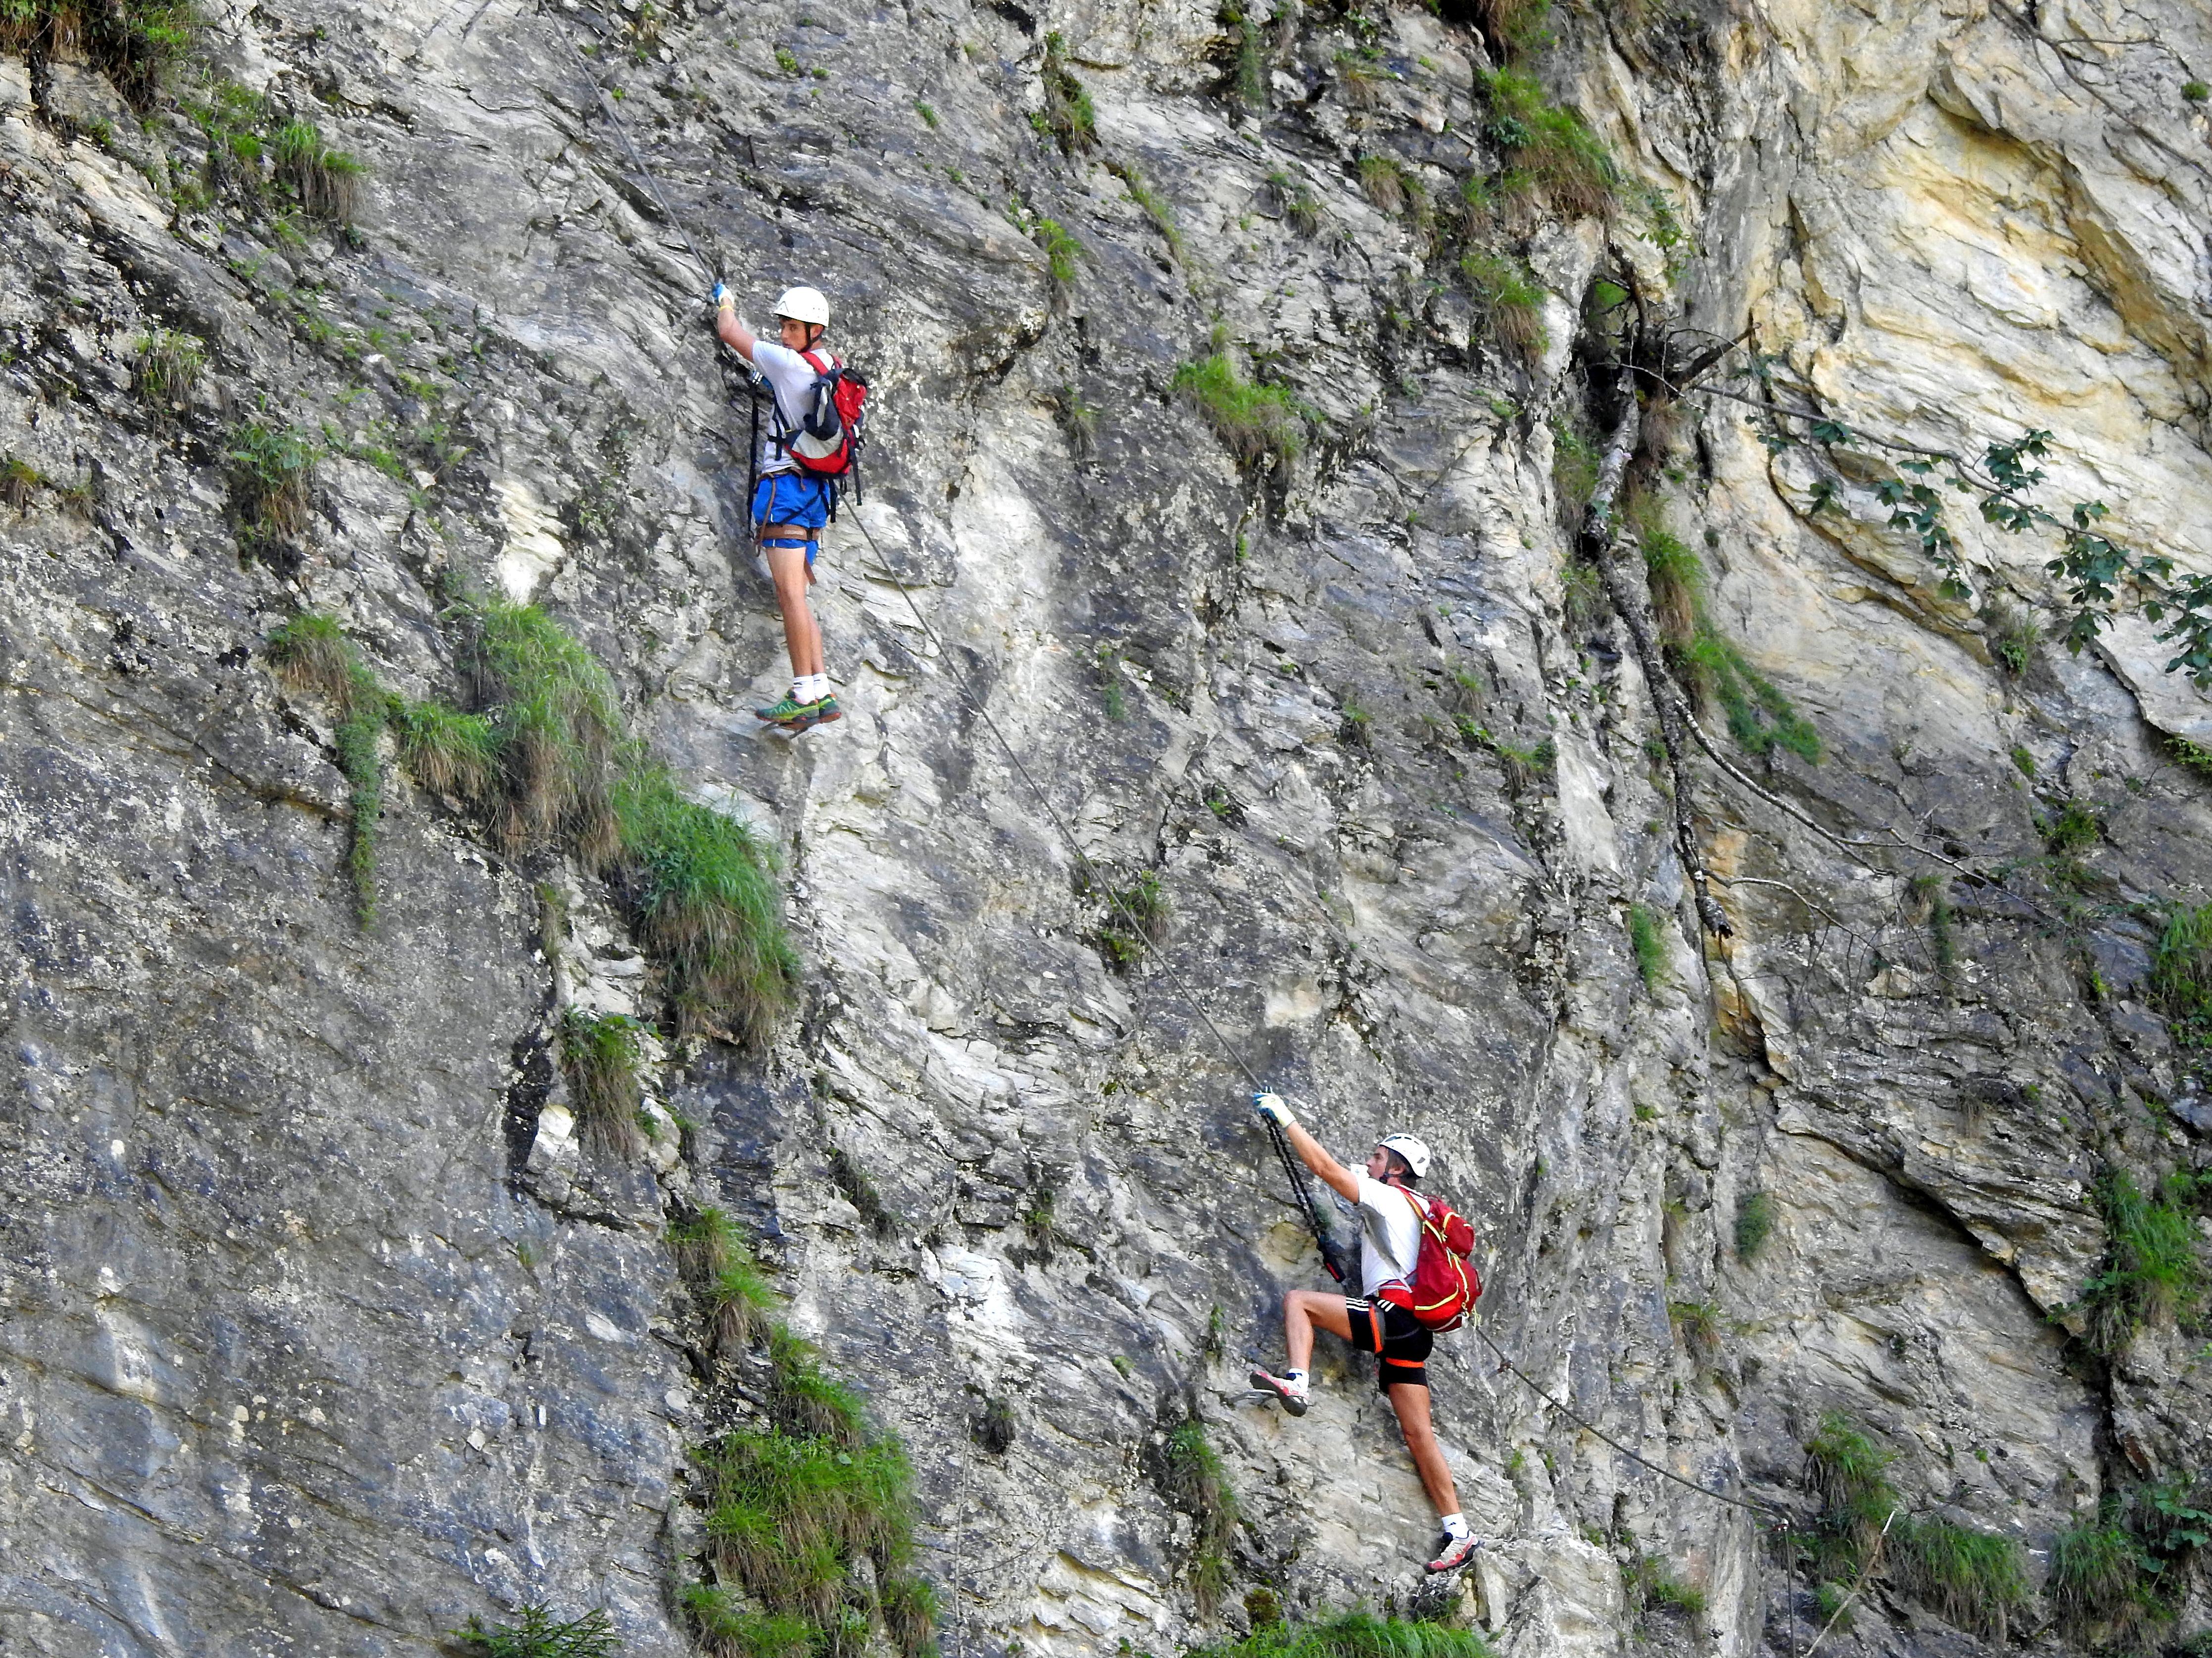 Klettersteig Kitzbühel : File:kitz klettersteig mittlerer bereich 05.jpg wikimedia commons